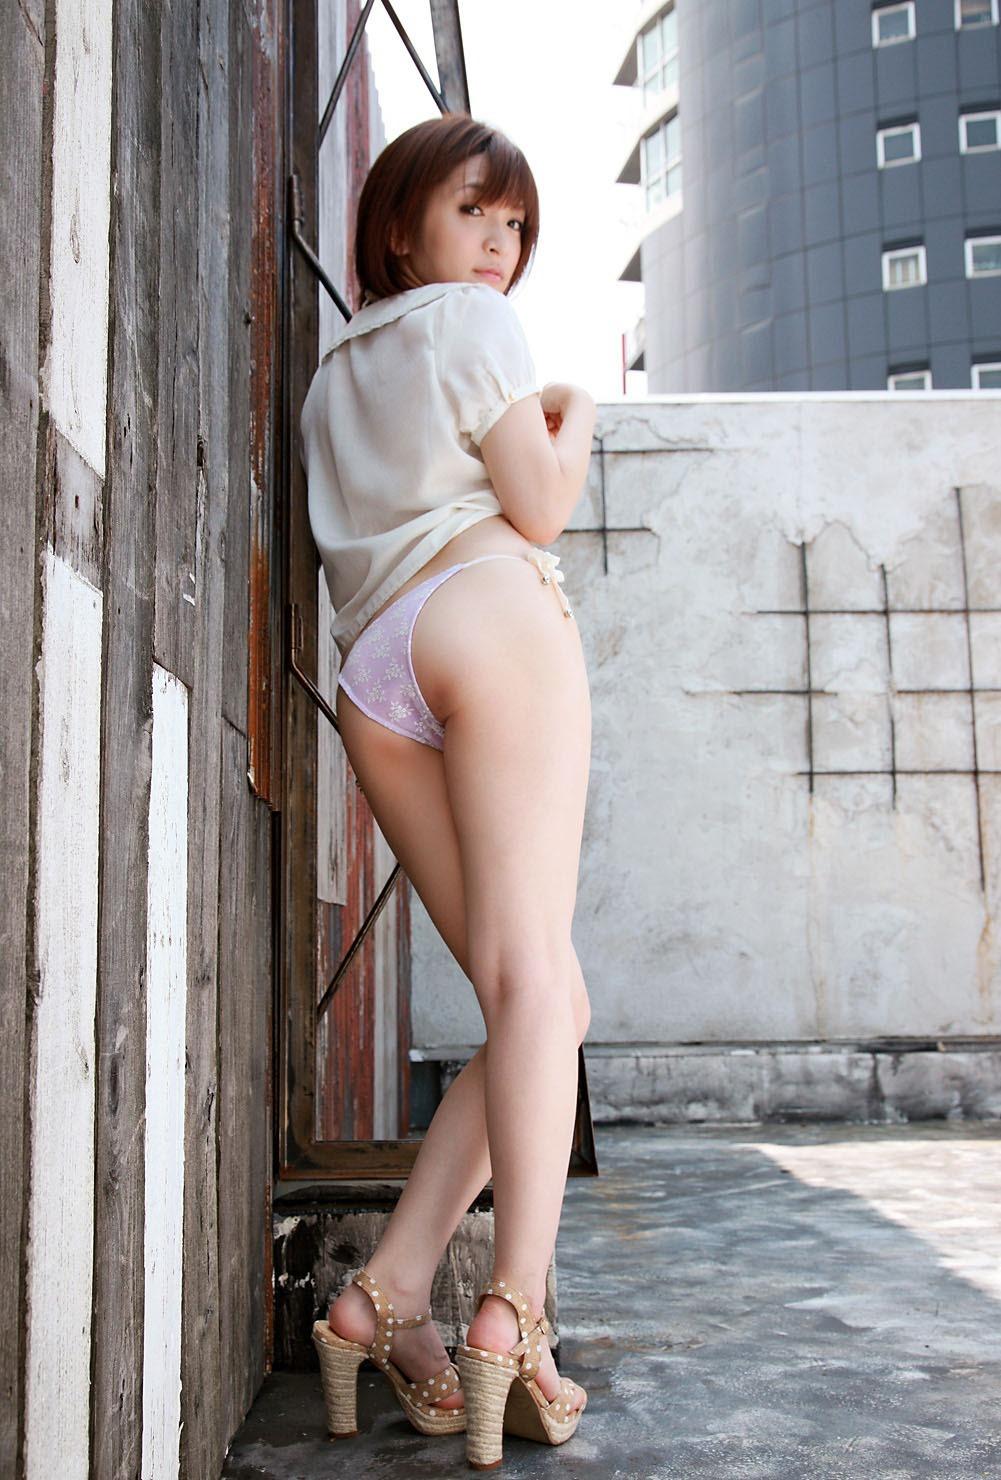 田中涼子 画像 8